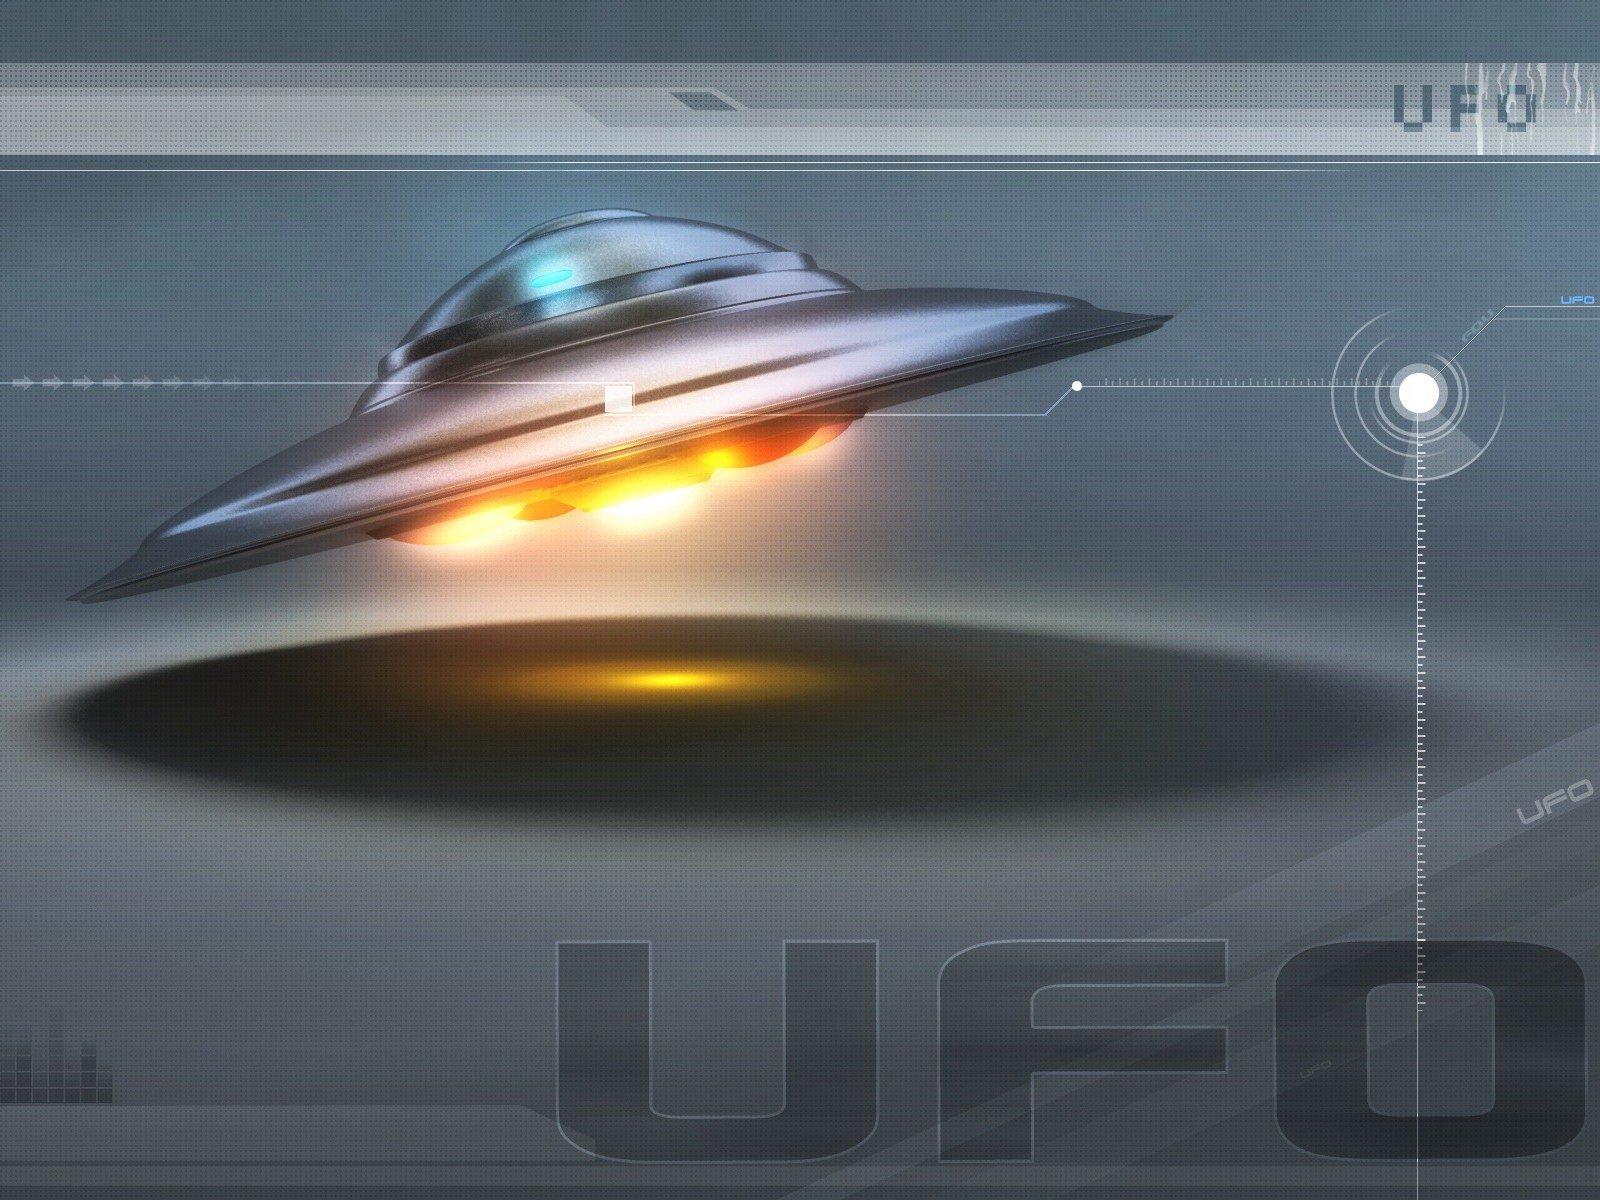 космический корабль НЛО  № 3970557 бесплатно